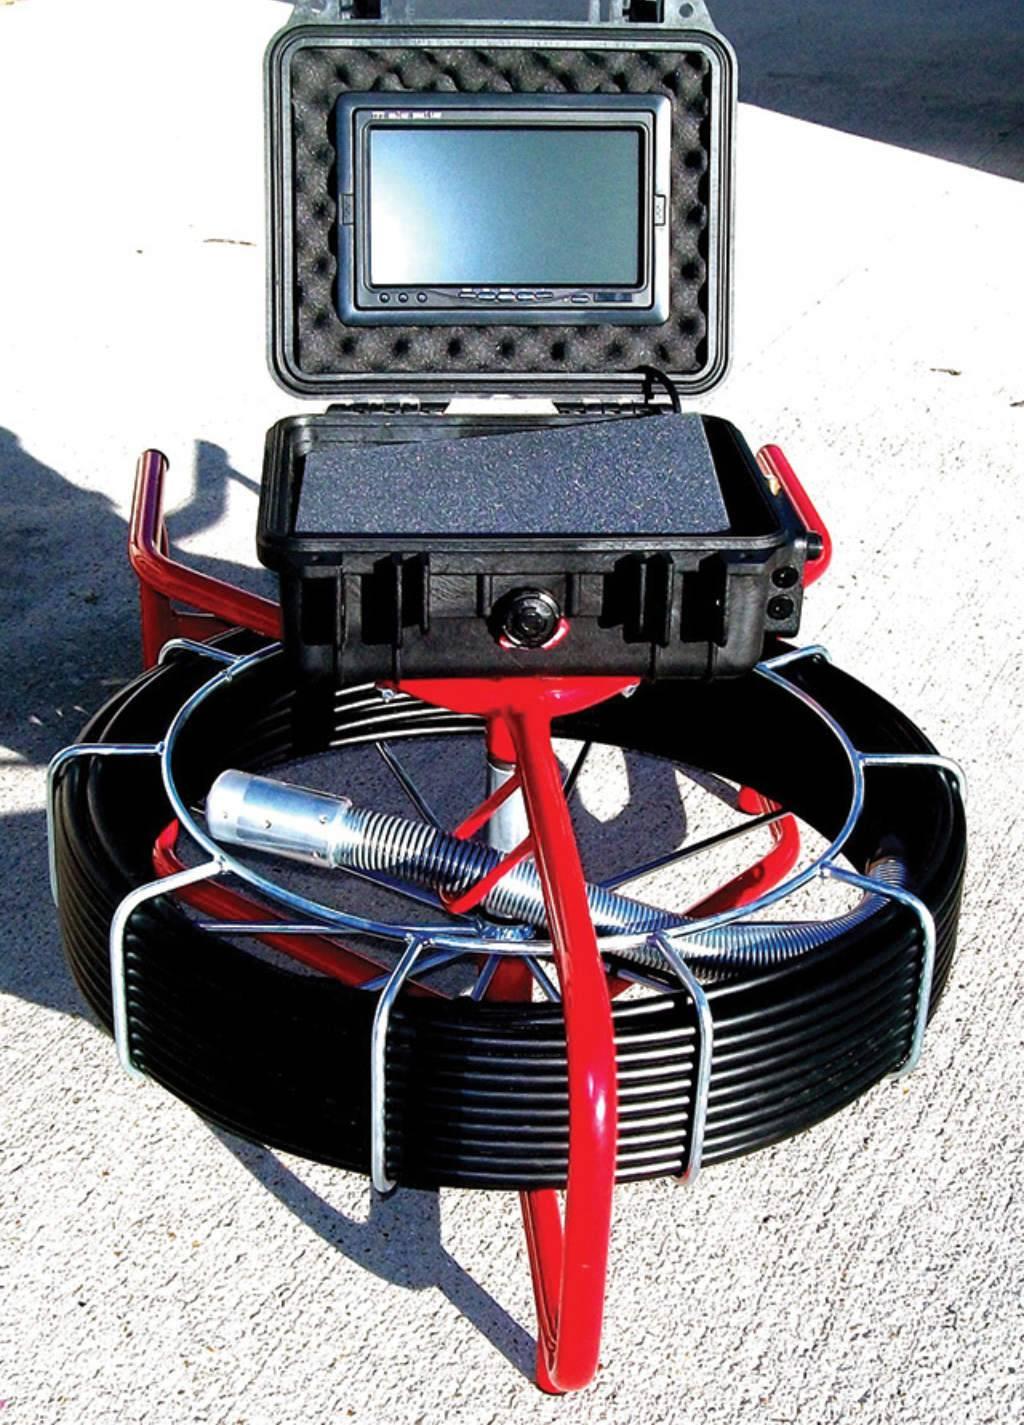 Телеинспекция канализационных труб: видеодиагностика трубопроводов канализации, правила диагностики